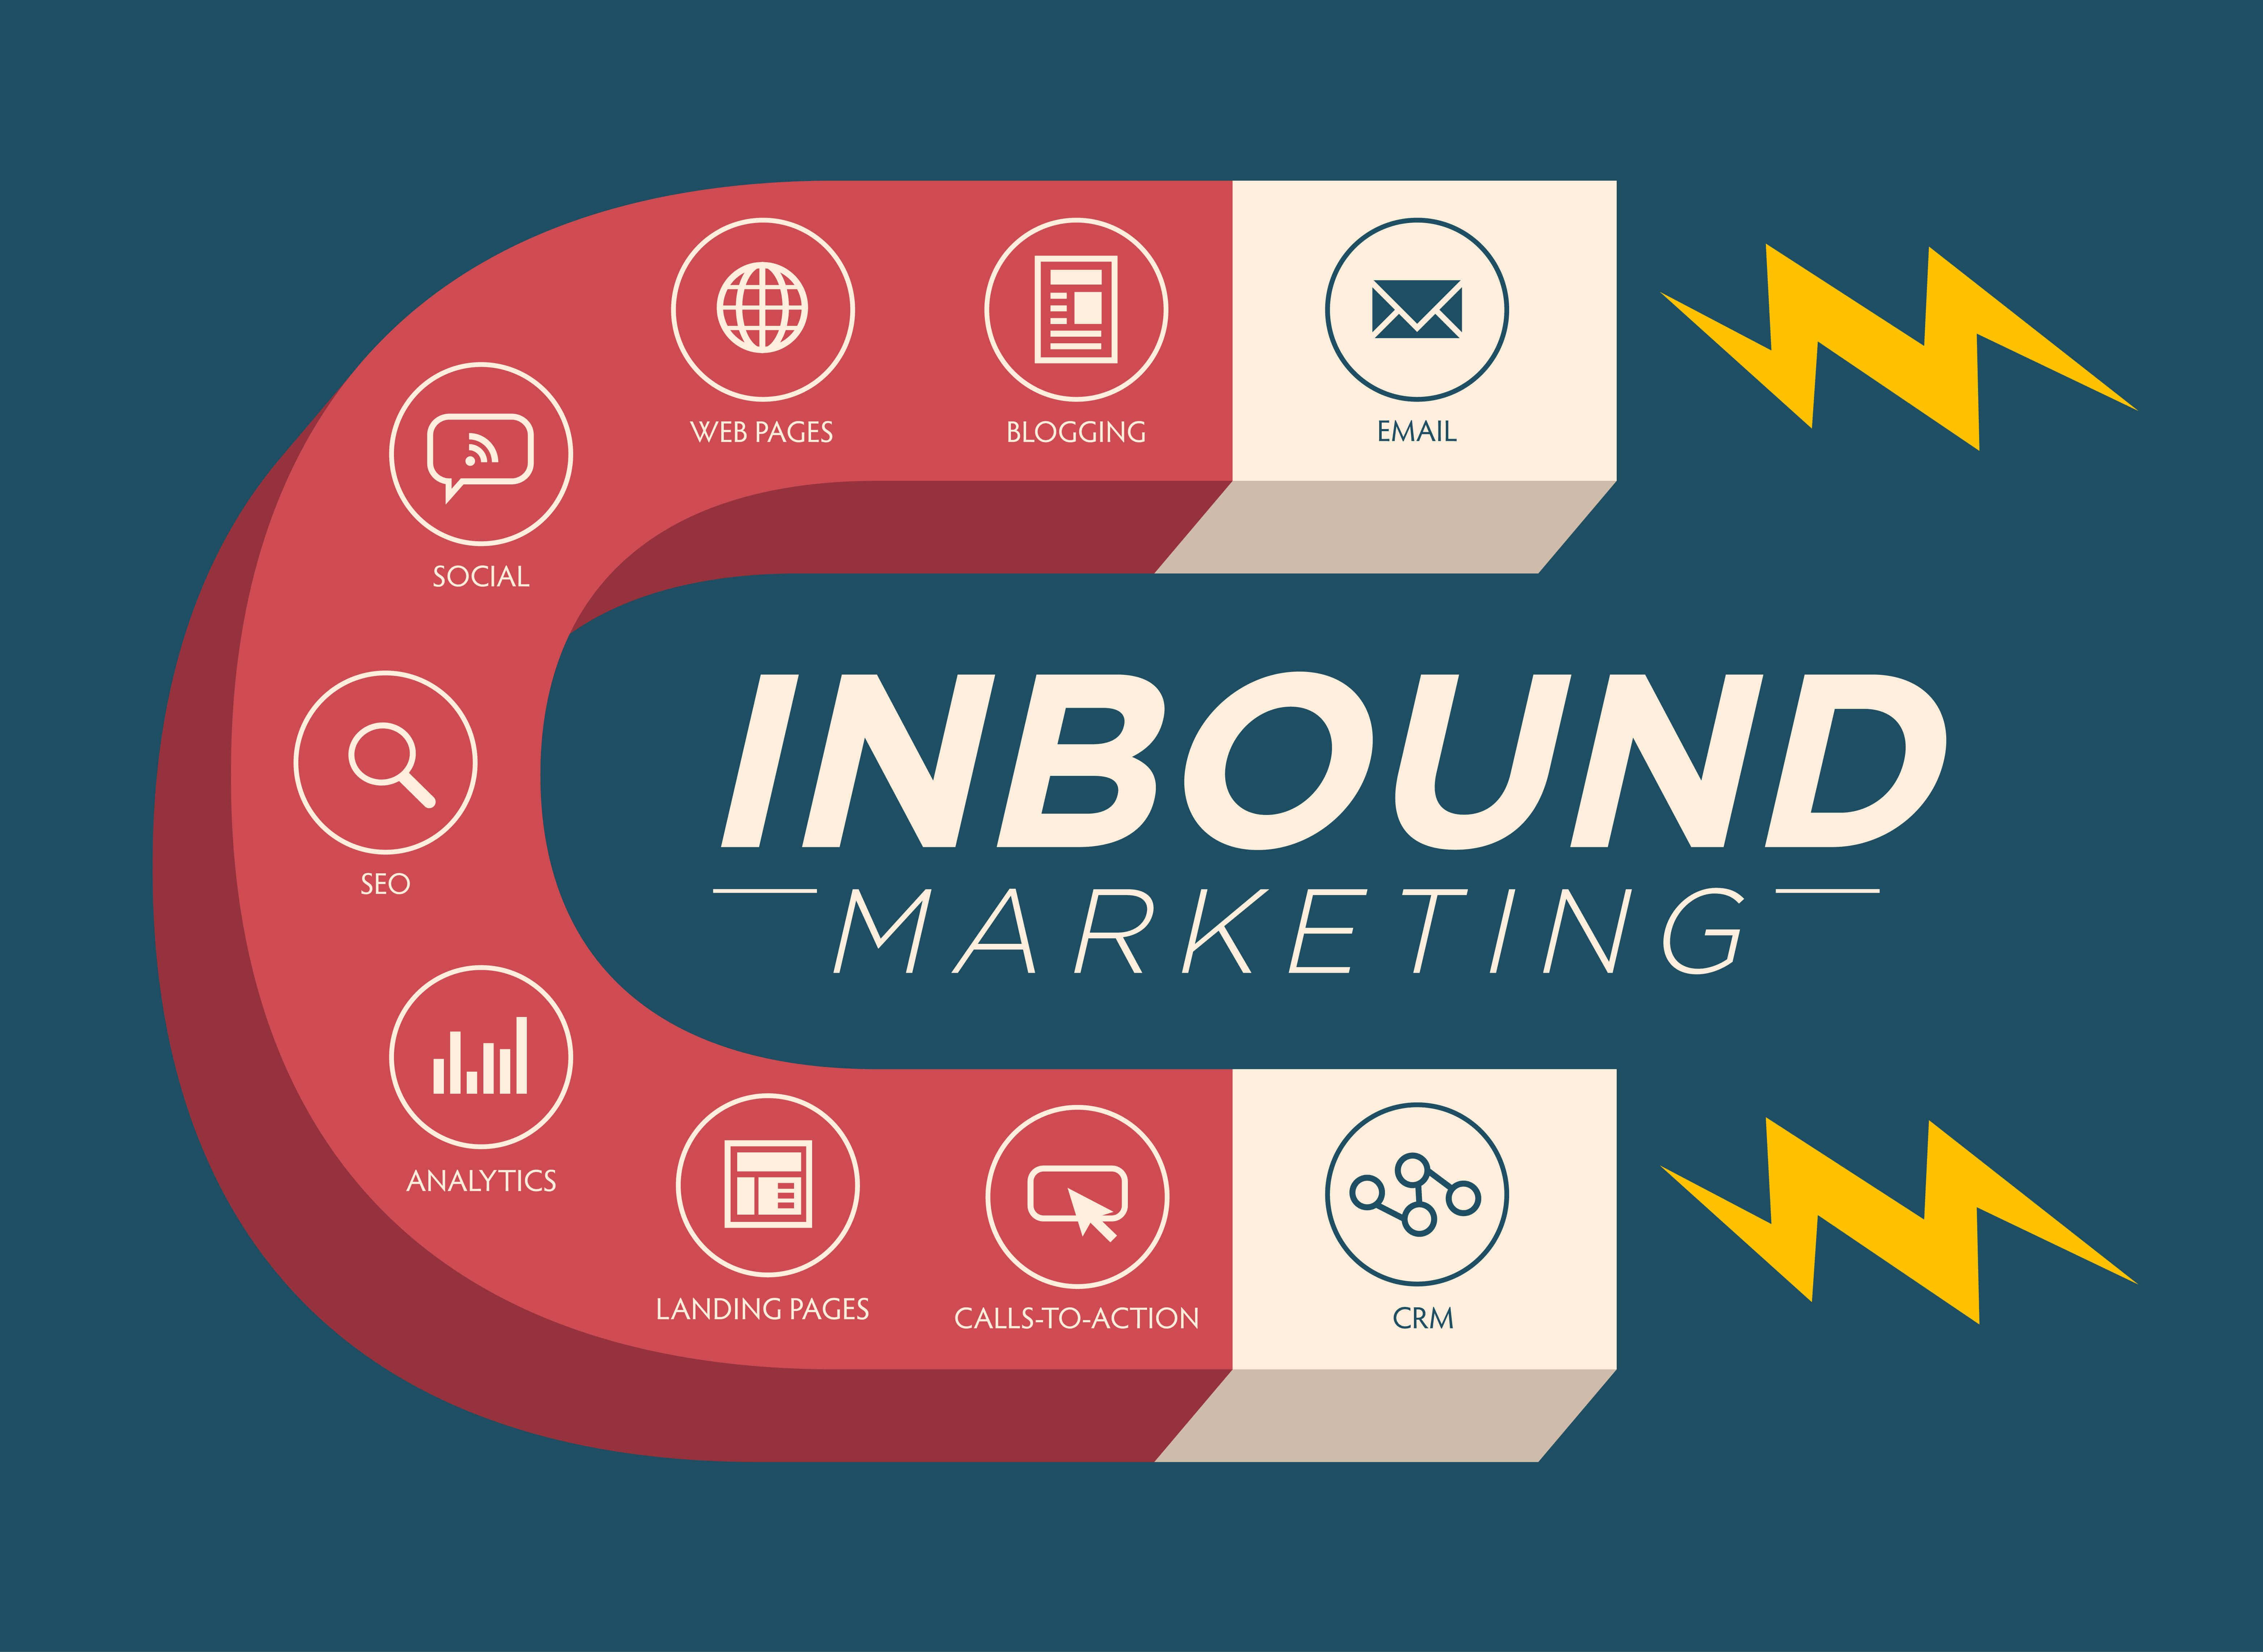 ประโยชน์ inbound marketing-1